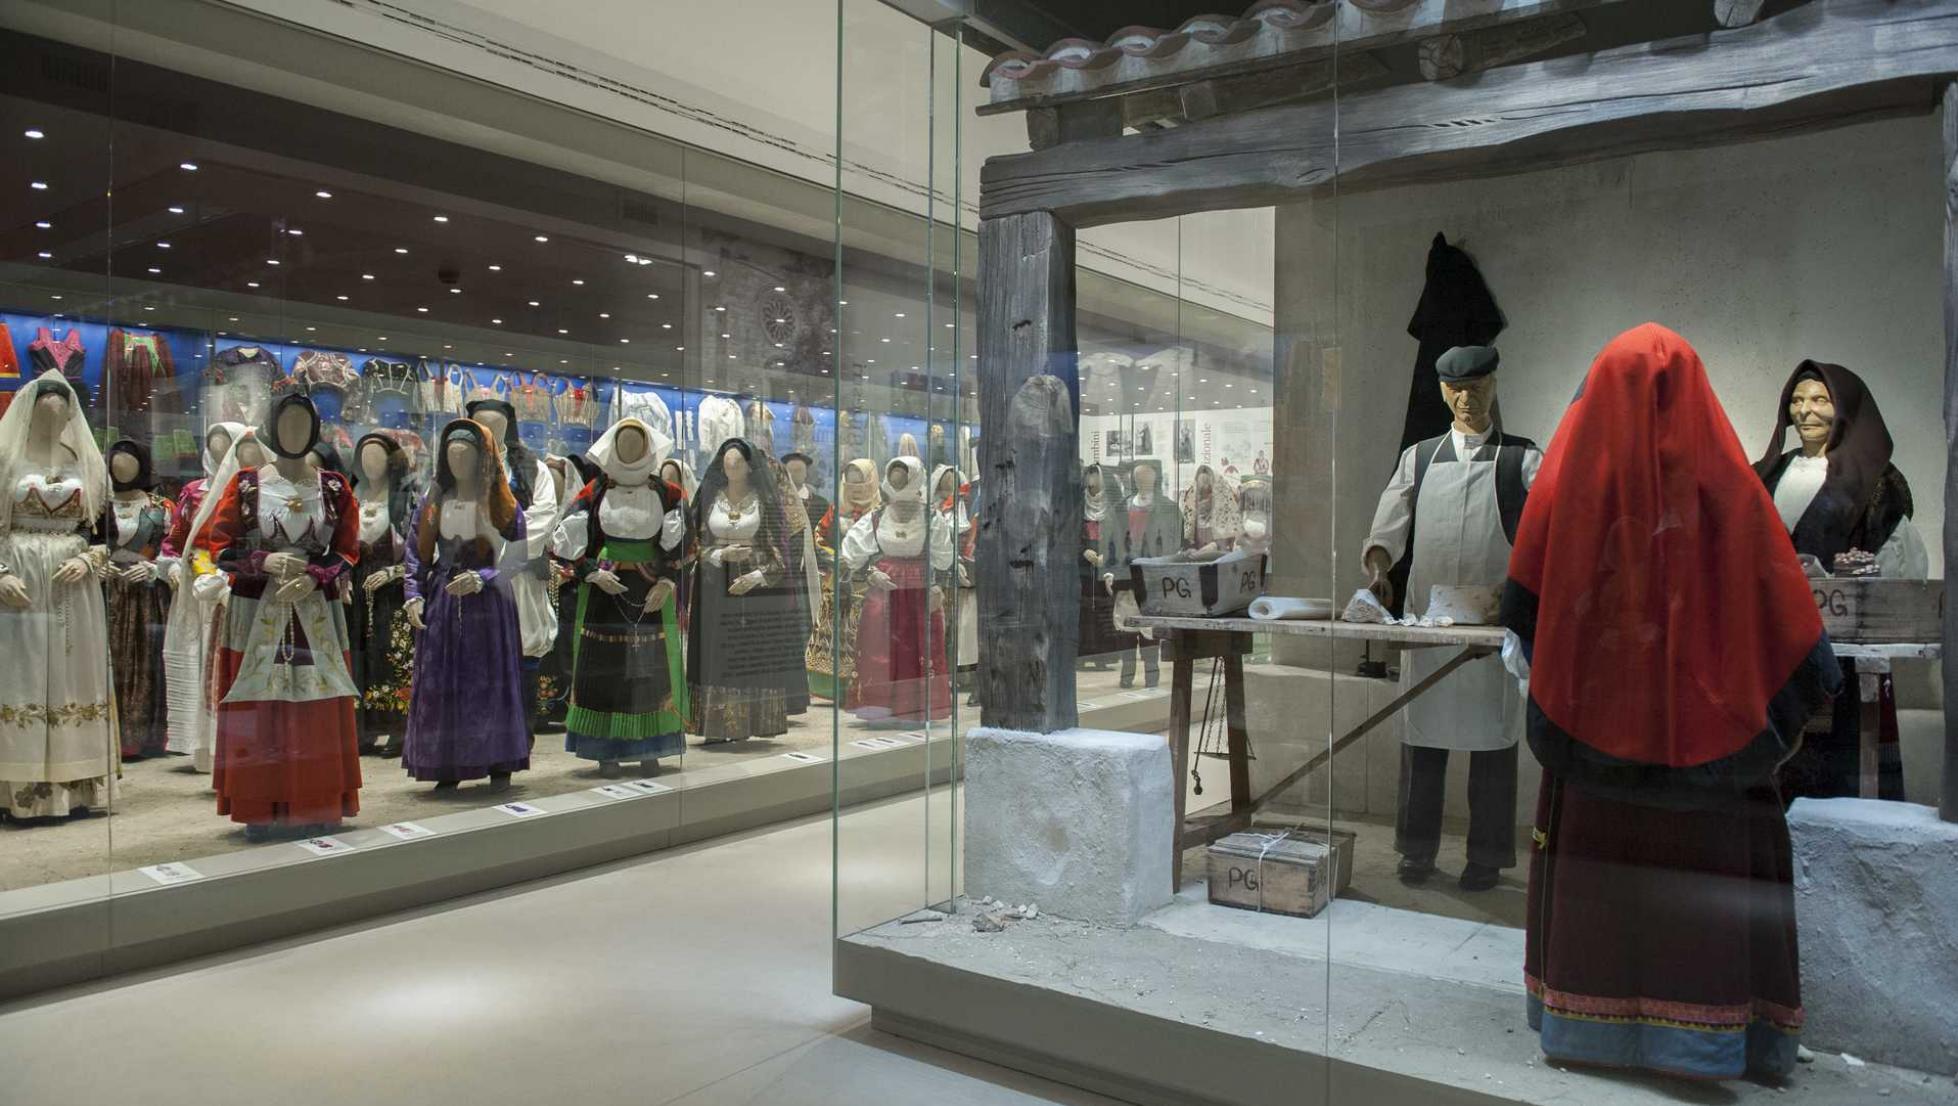 Nuoro, costumi tradizionali sardi al museo della Vita e delle Tradizioni Popolari - Fonte www.sardegnaturismo.it